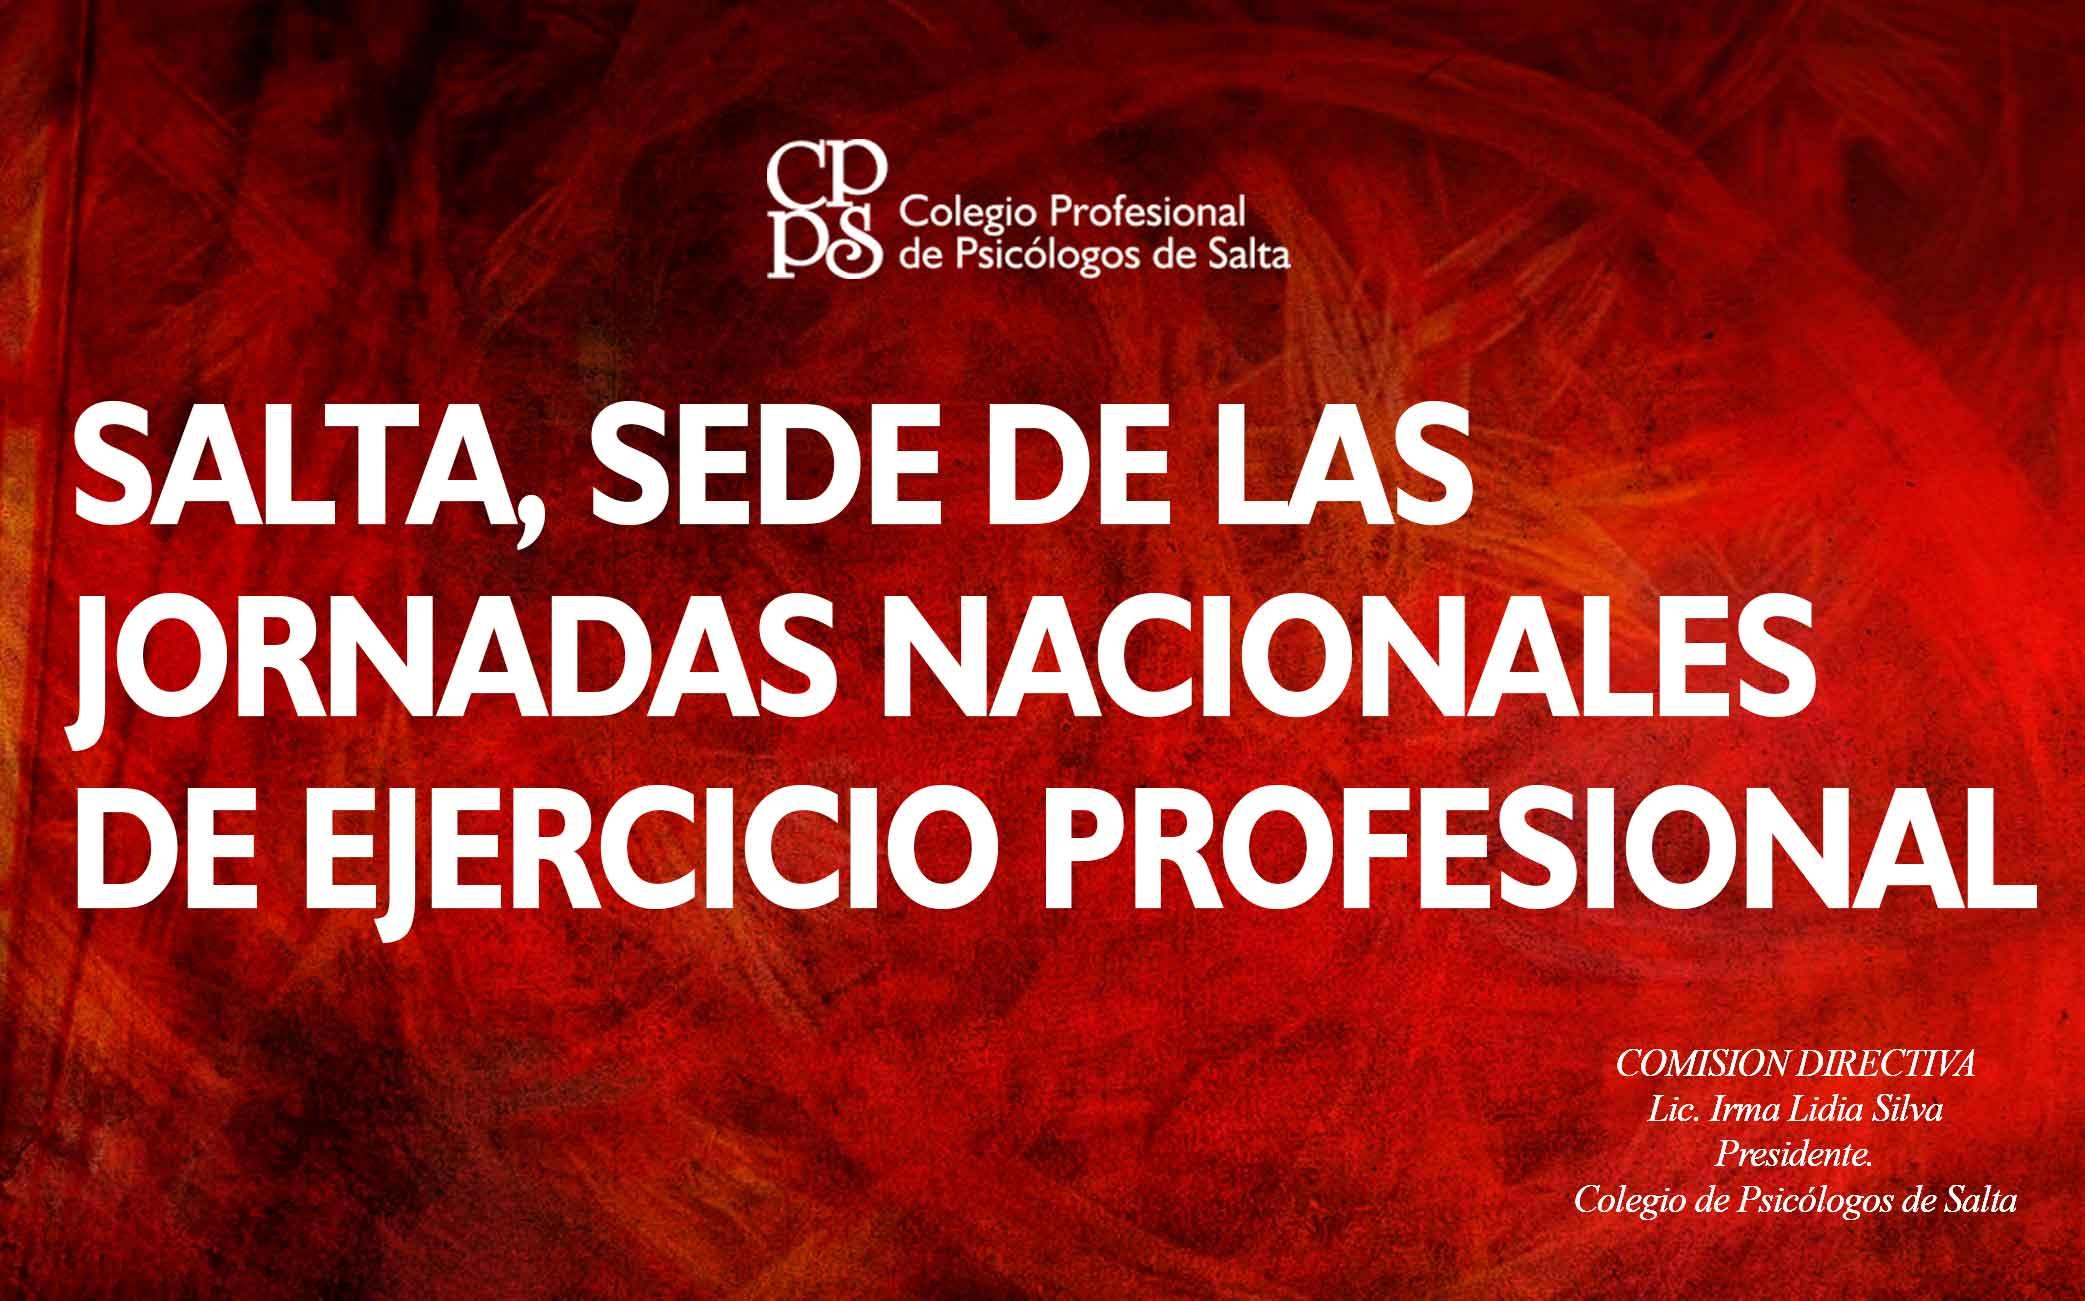 SALTA, SEDE DE LAS JORNADAS NACIONALES DE EJERCICIO PROFESIONAL